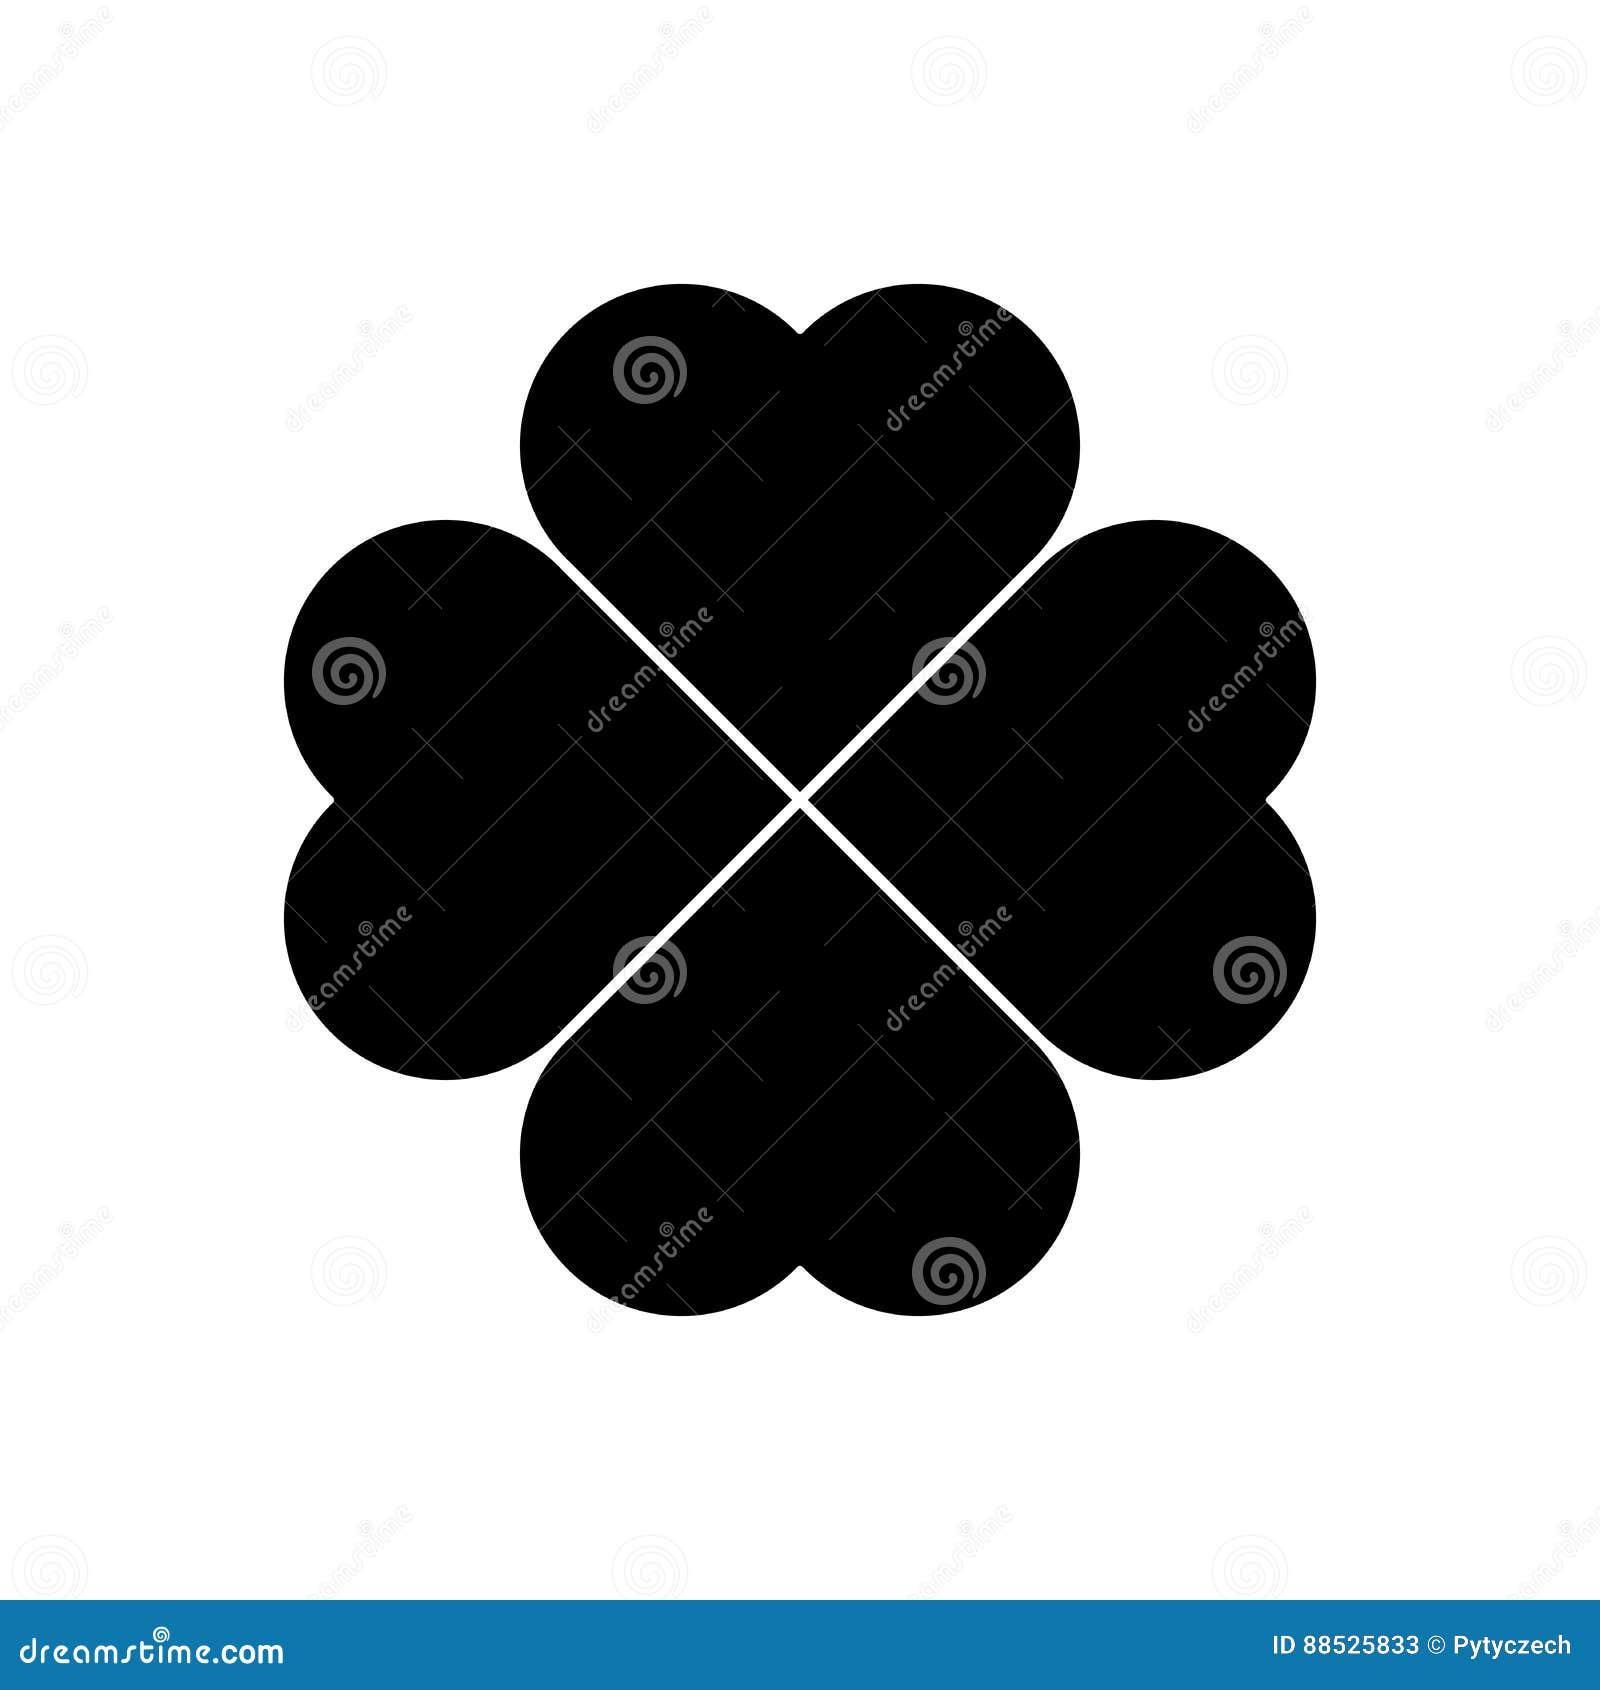 Silhueta do trevo - ícone do trevo da folha do preto quatro Elemento do projeto do tema da boa sorte Vetor geométrico simples da